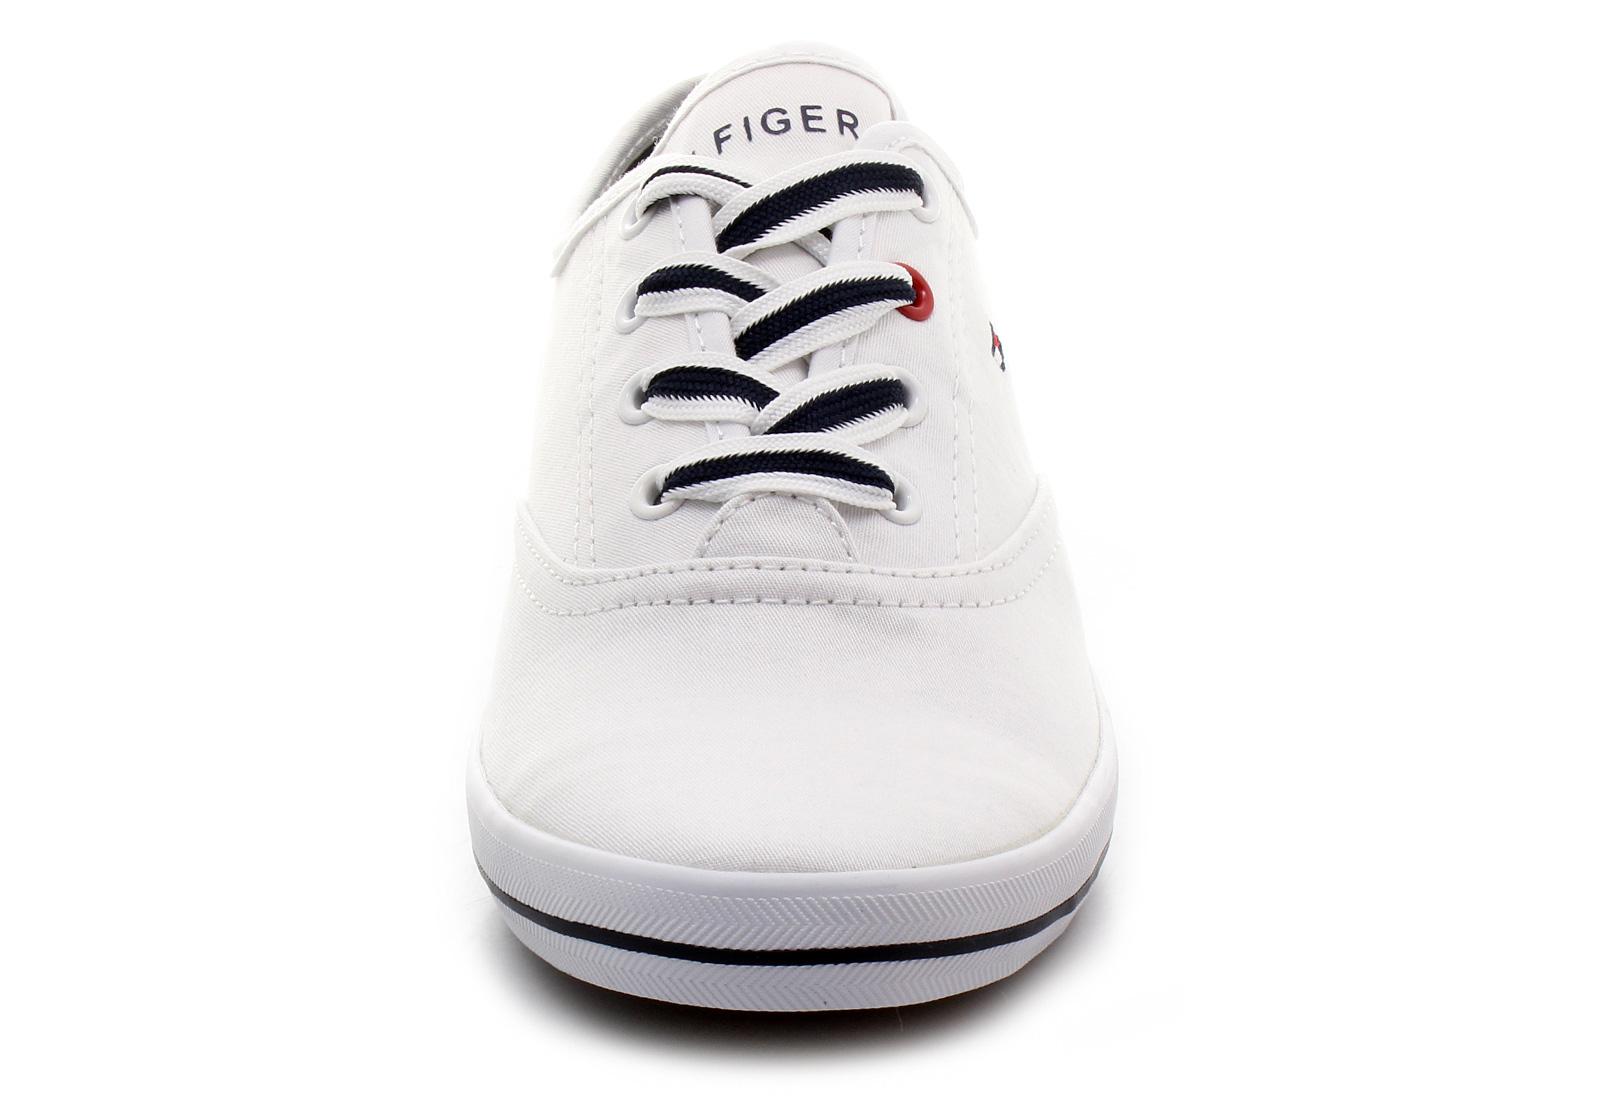 tommy hilfiger shoes victoria 1d 15s 9050 100 online shop for. Black Bedroom Furniture Sets. Home Design Ideas